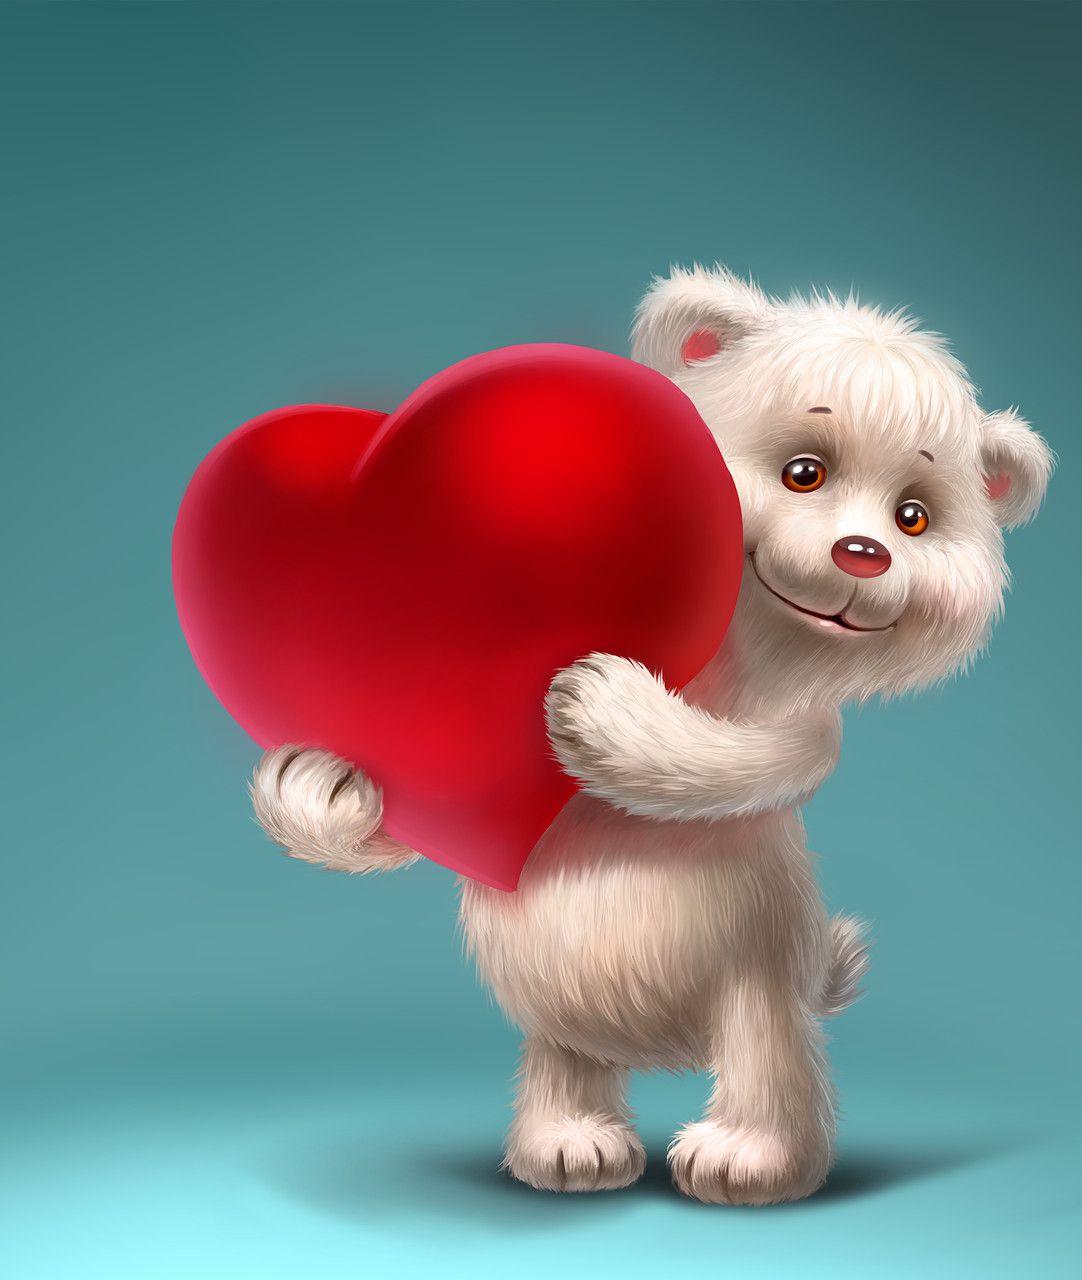 картинки о любви самой лучшей подражают